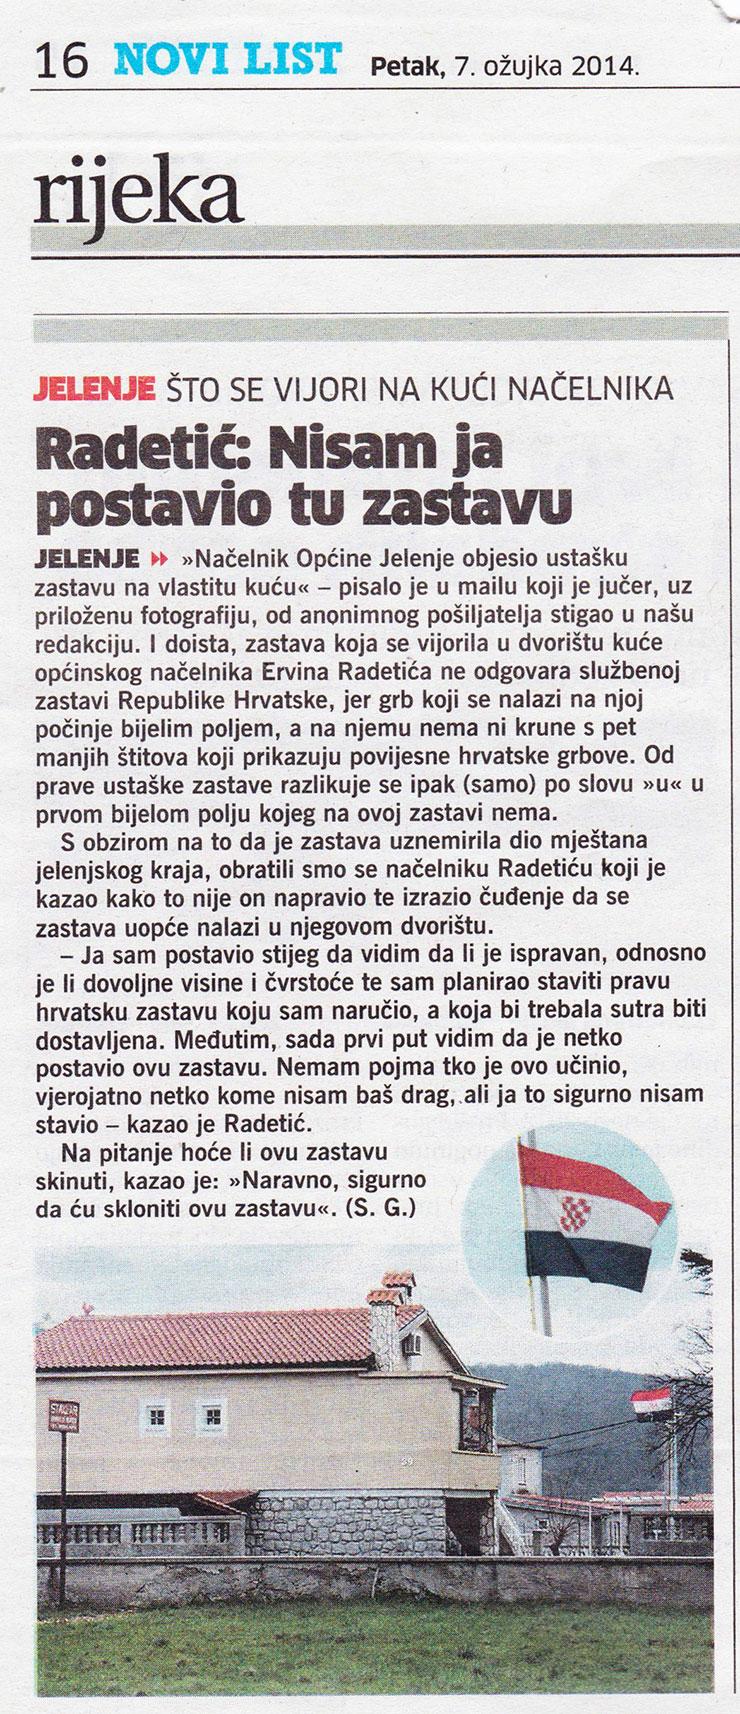 Načelnik Radetić objesio ustašku zastavu